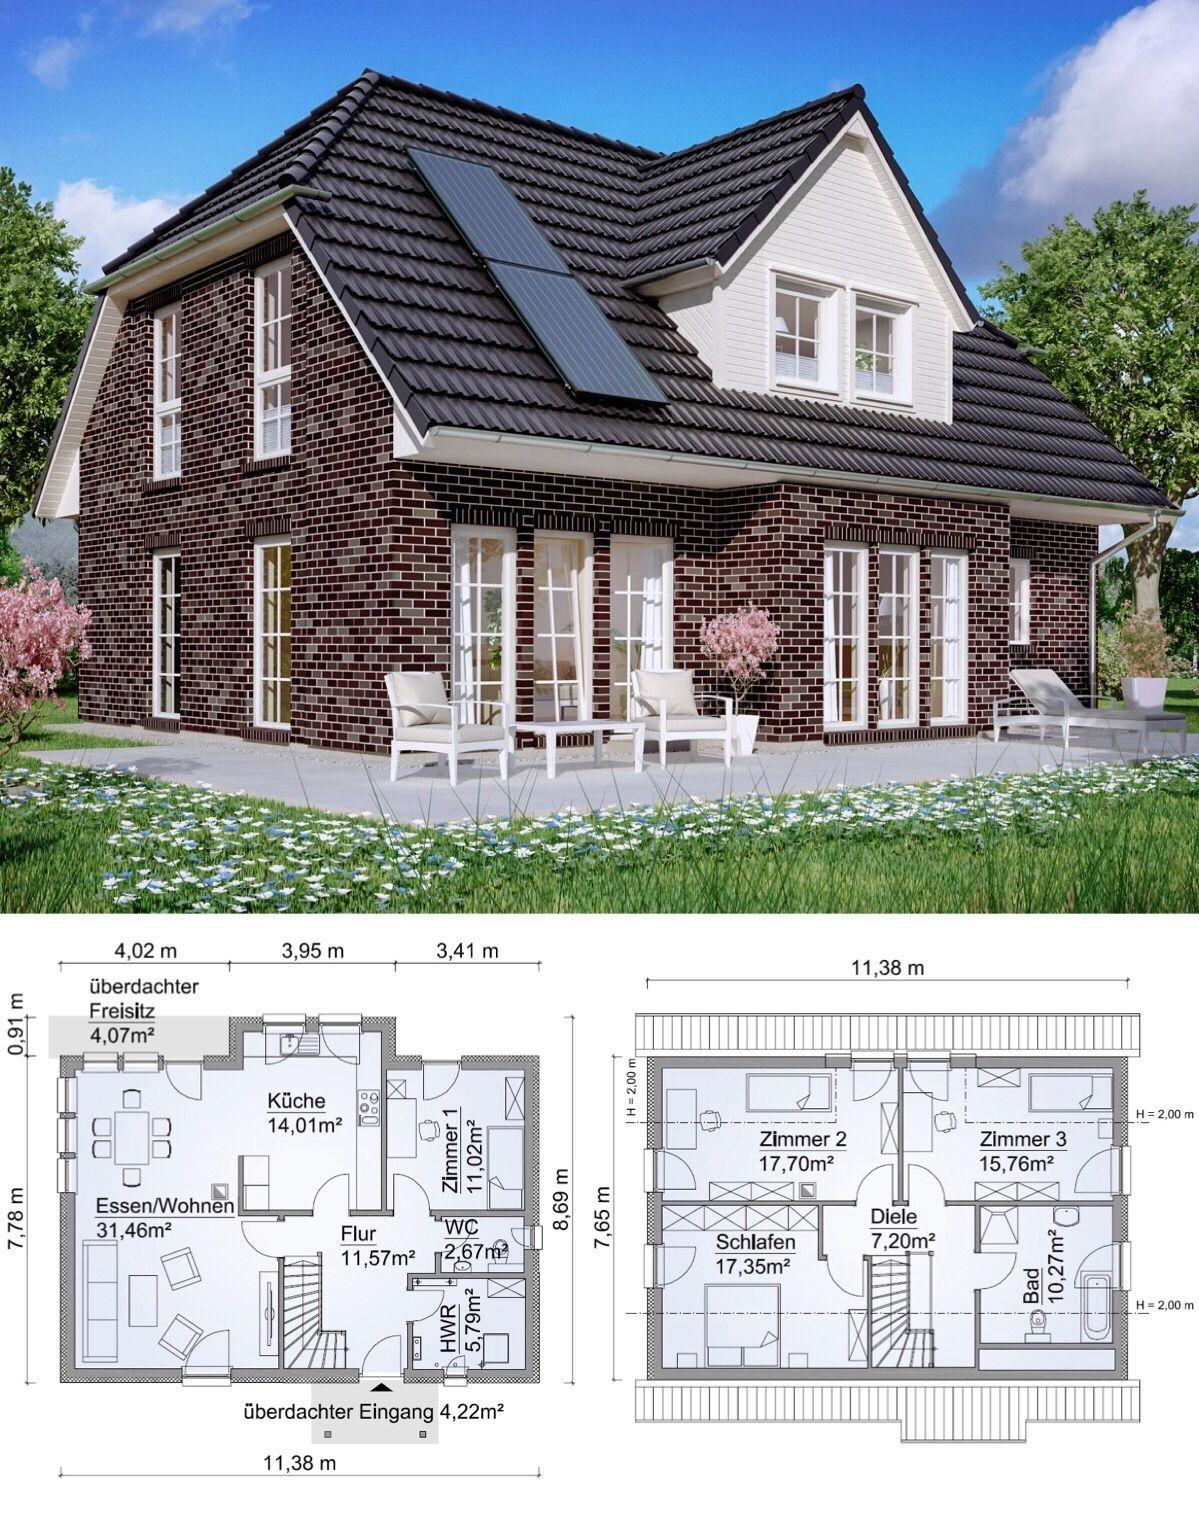 Grundriss Bungalow mit SatteldachArchitektur 2 Zimmer